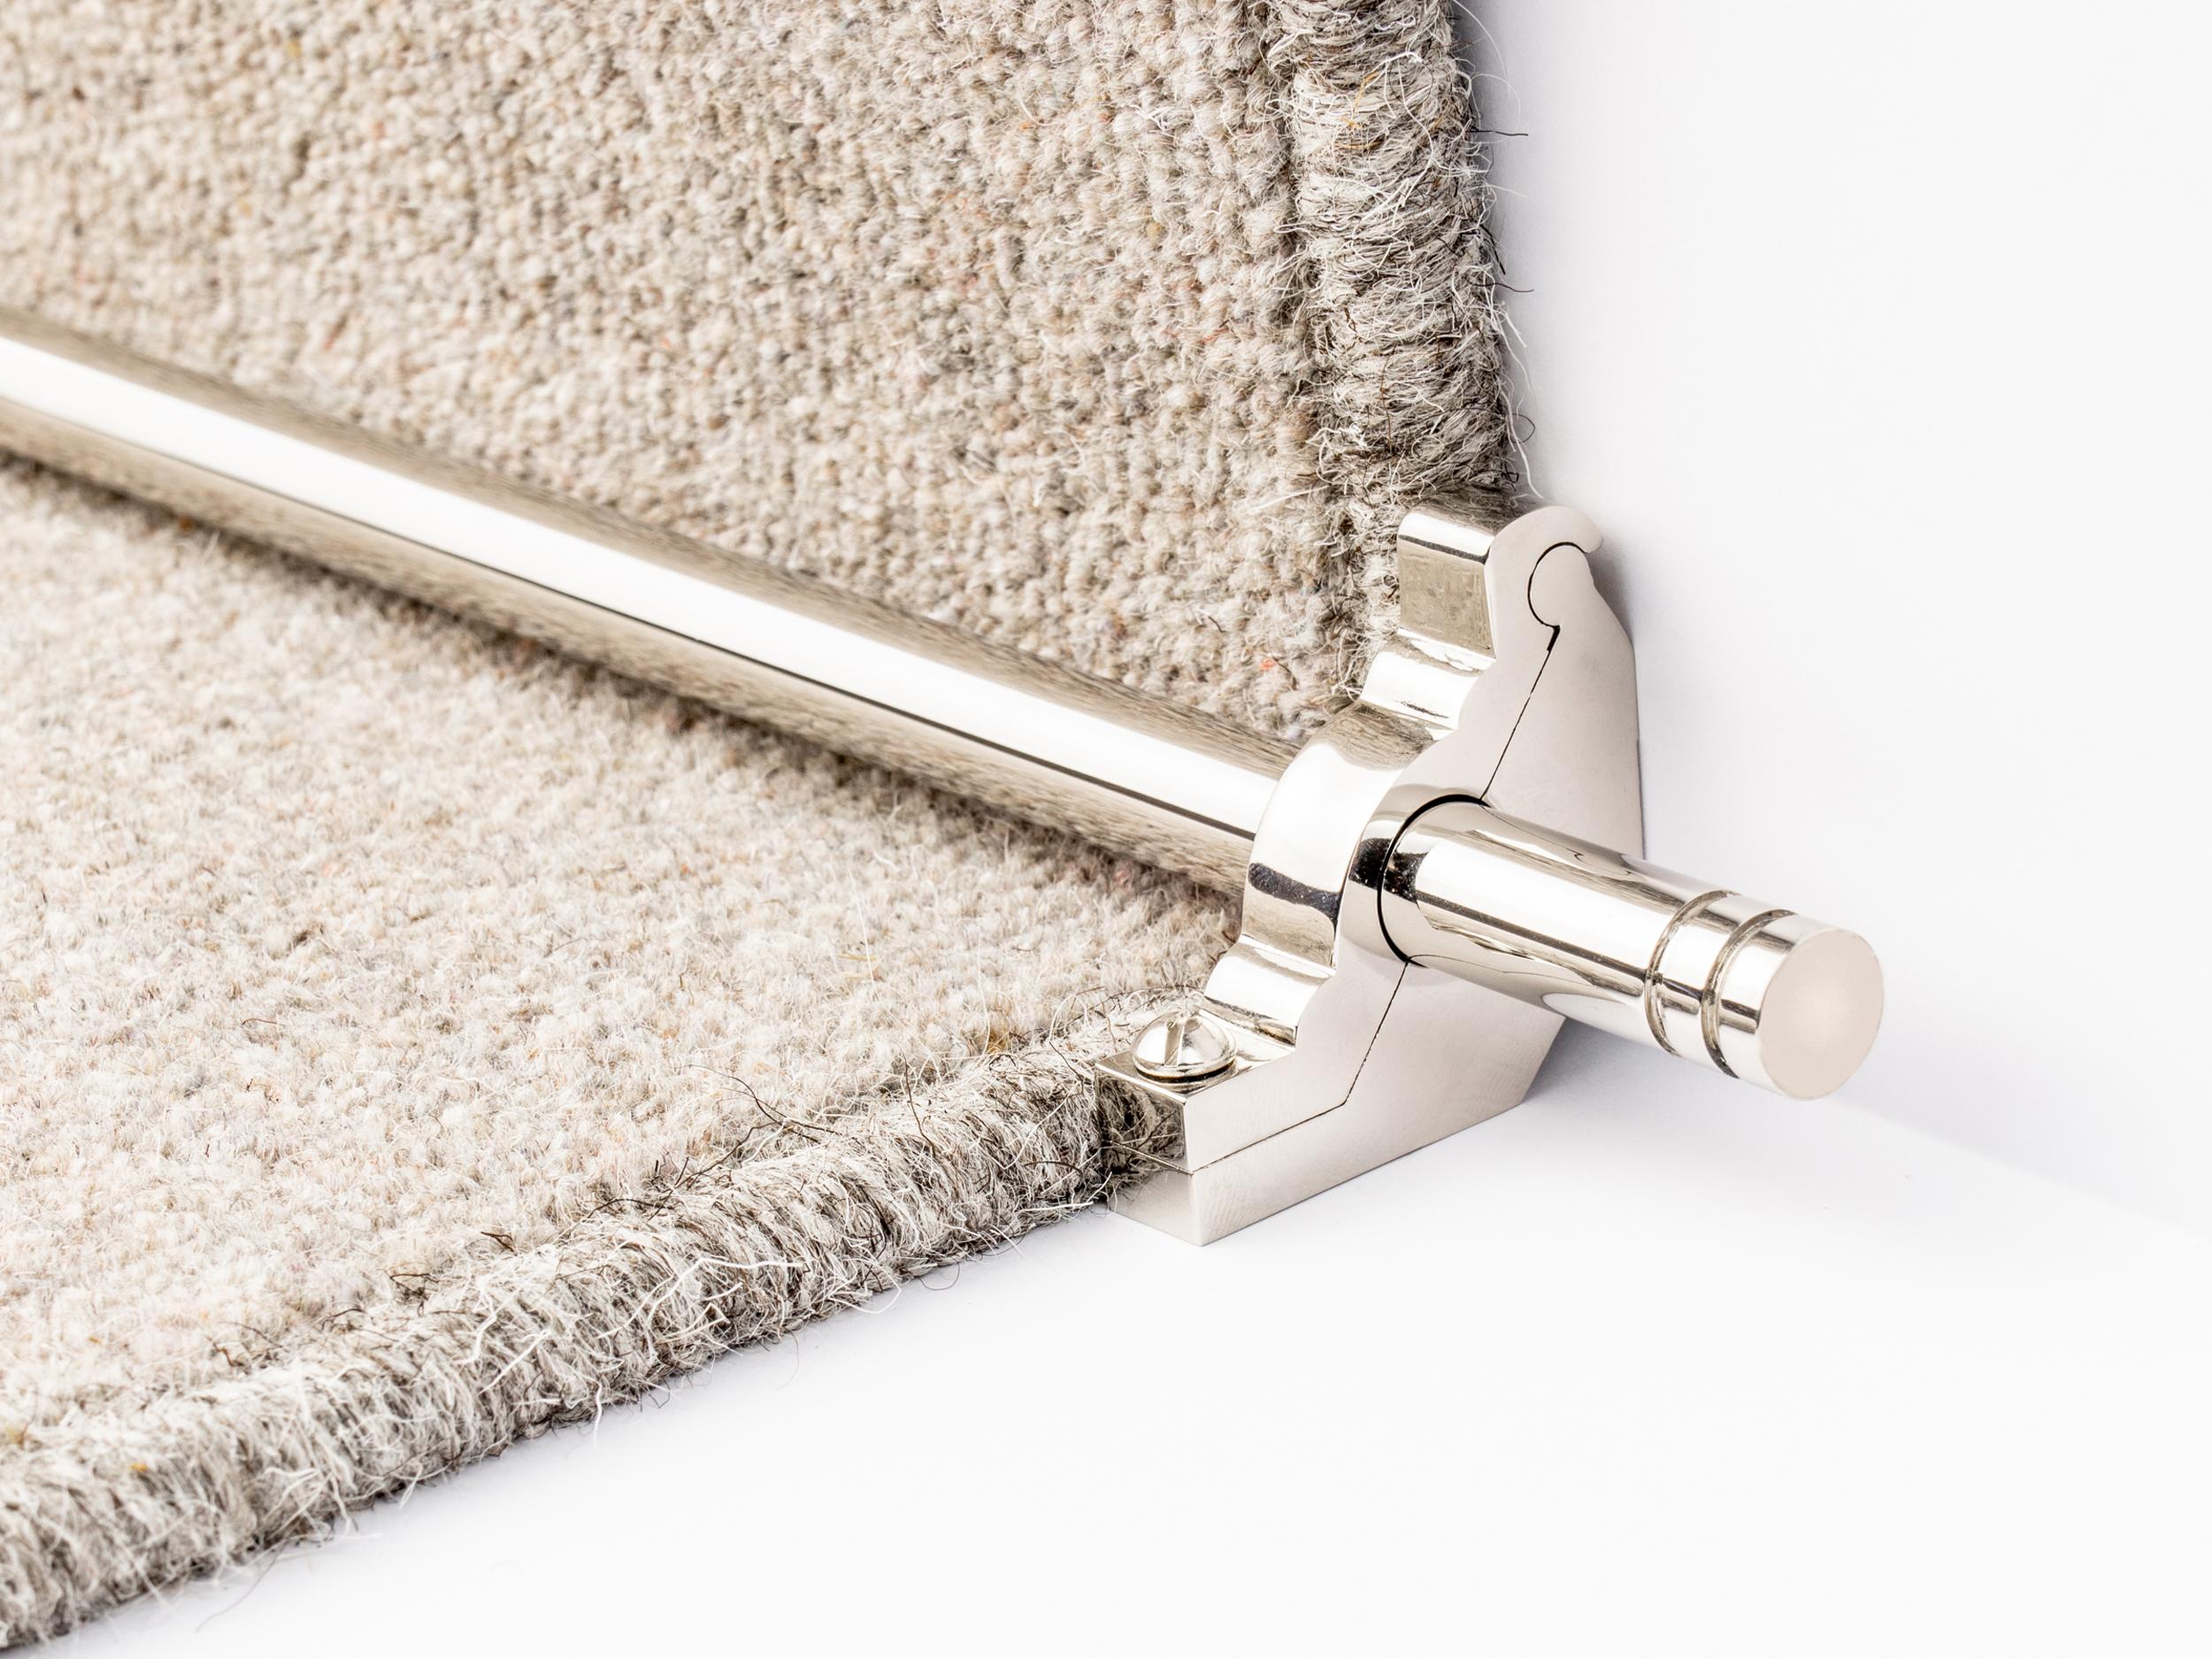 stairrods-polished-nickel-premier-woburn.jpg